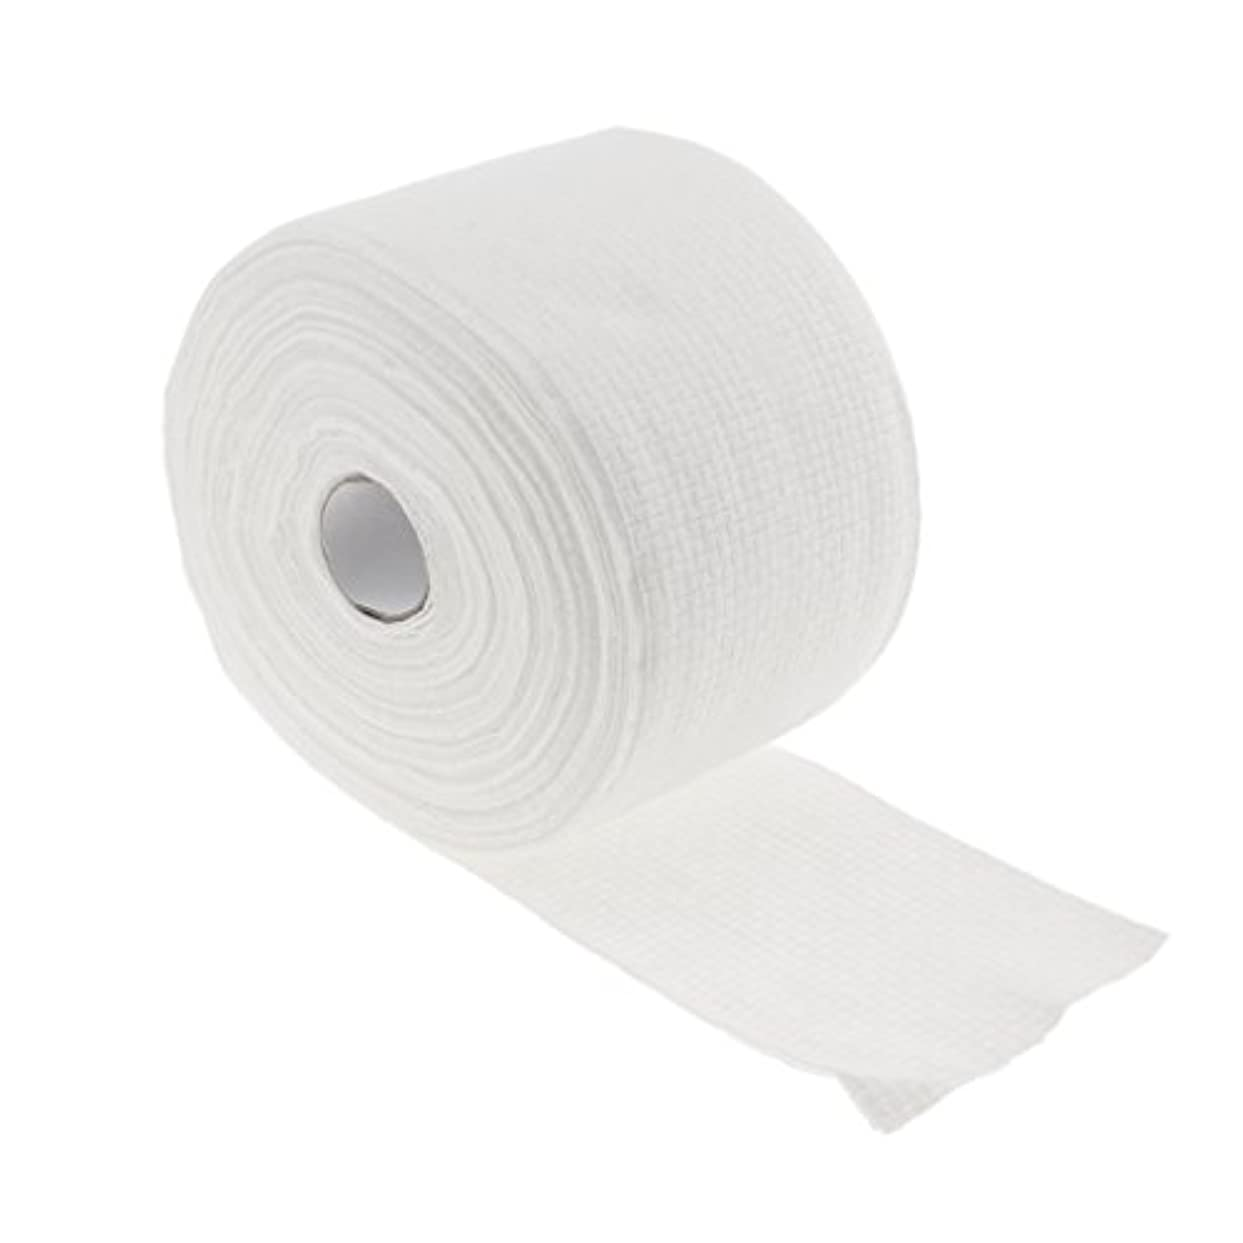 気付く移植アイデアCUTICATE 1ロール30メートル使い捨てタオル繊維クレンジングフェイシャルワイプメイクリムーバー - #1